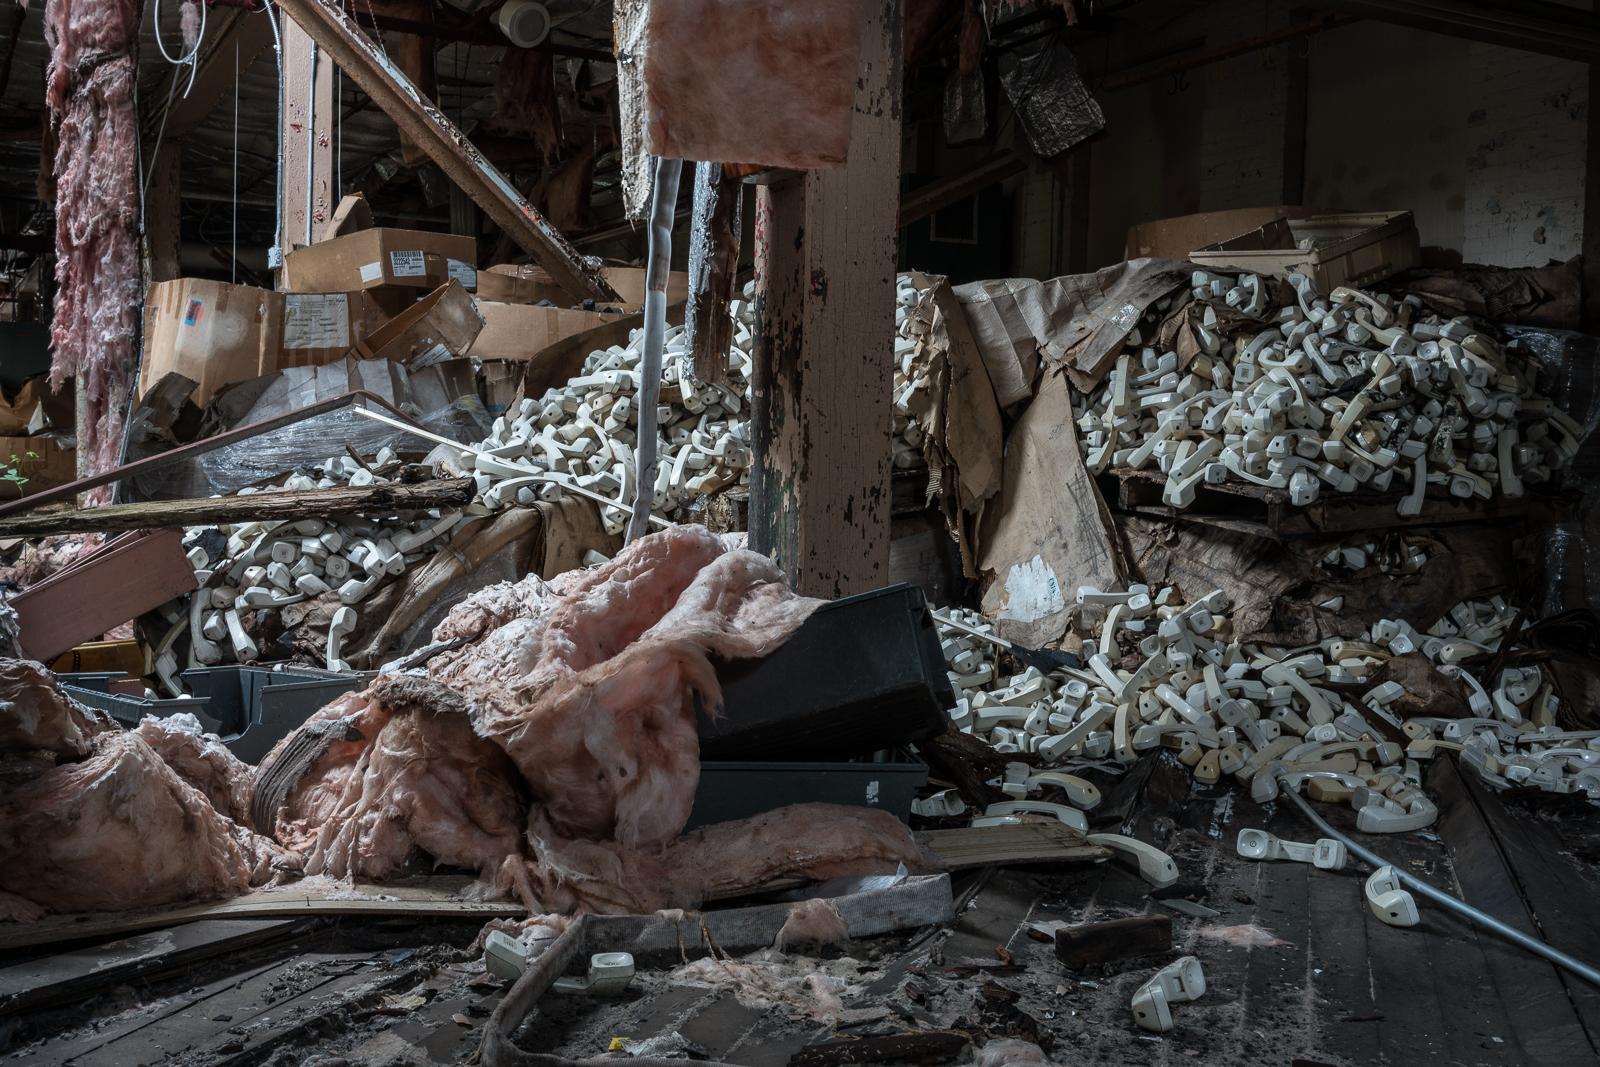 Site of the Former Shoe Company, De Soto, Missouri, 2017 © Nate Larson